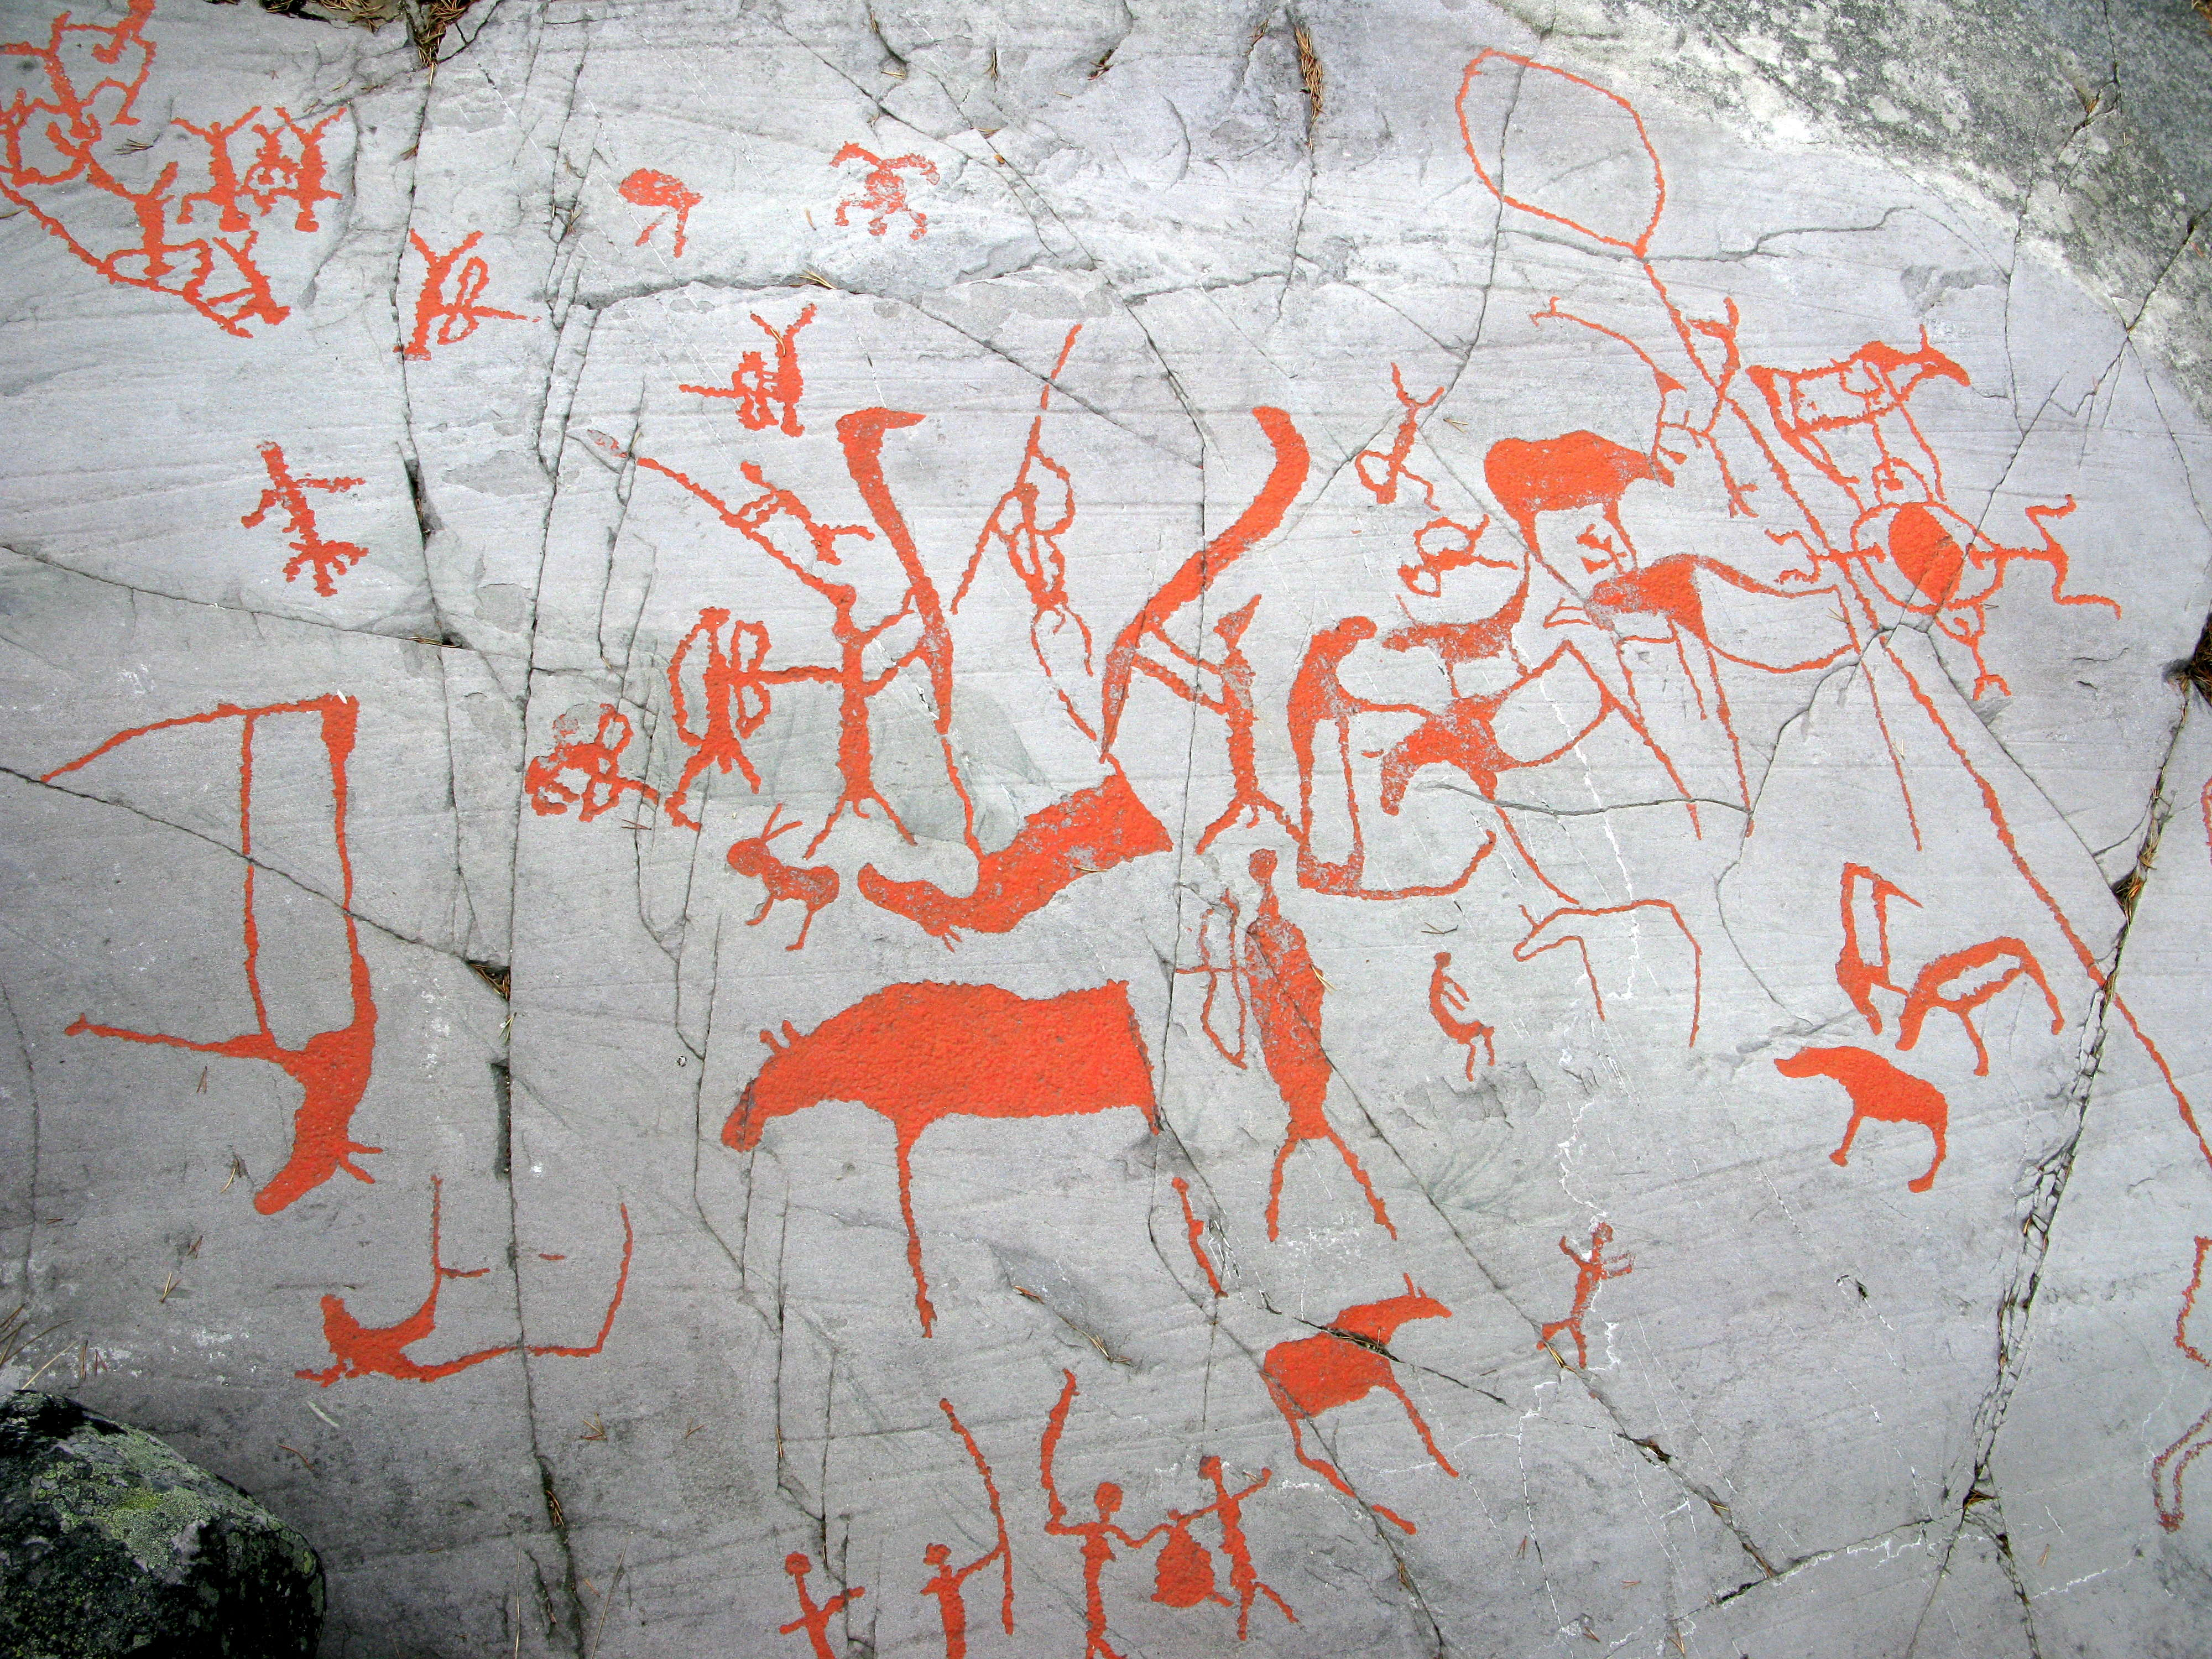 виды наскальной живописи: